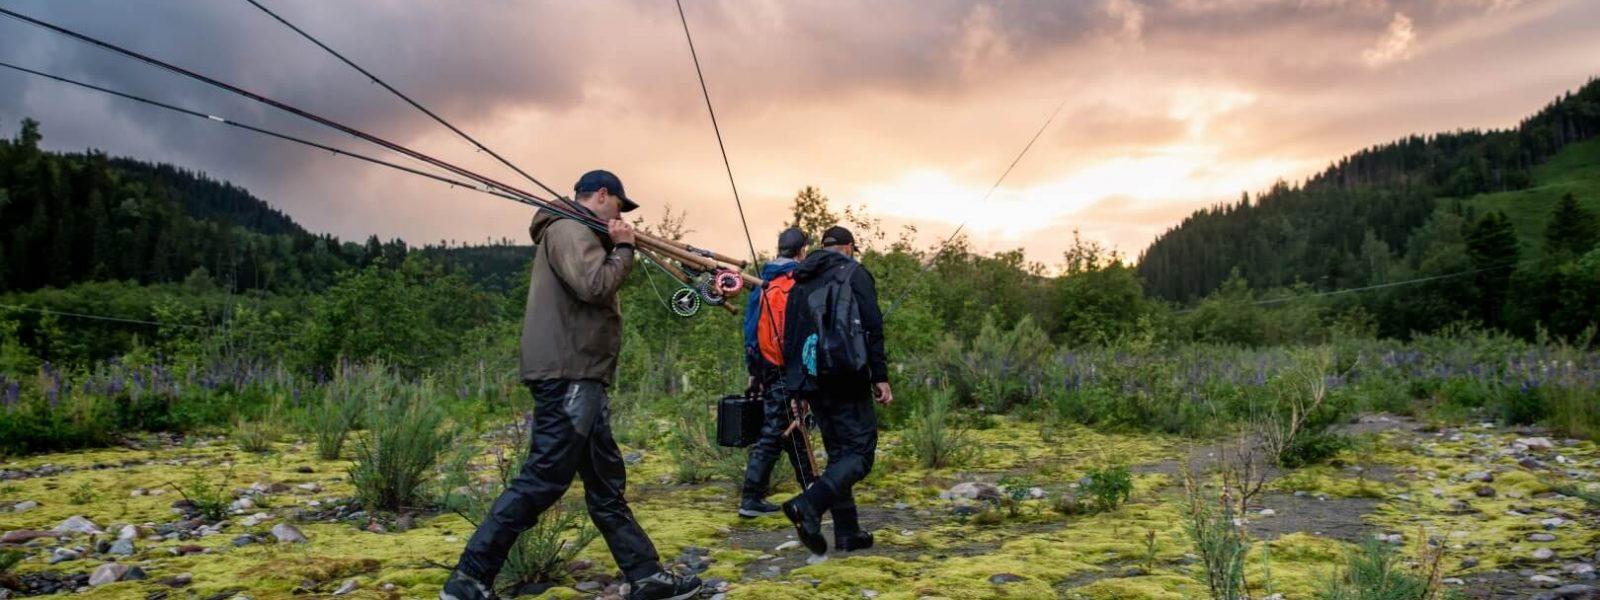 Fly Fishermen Walking